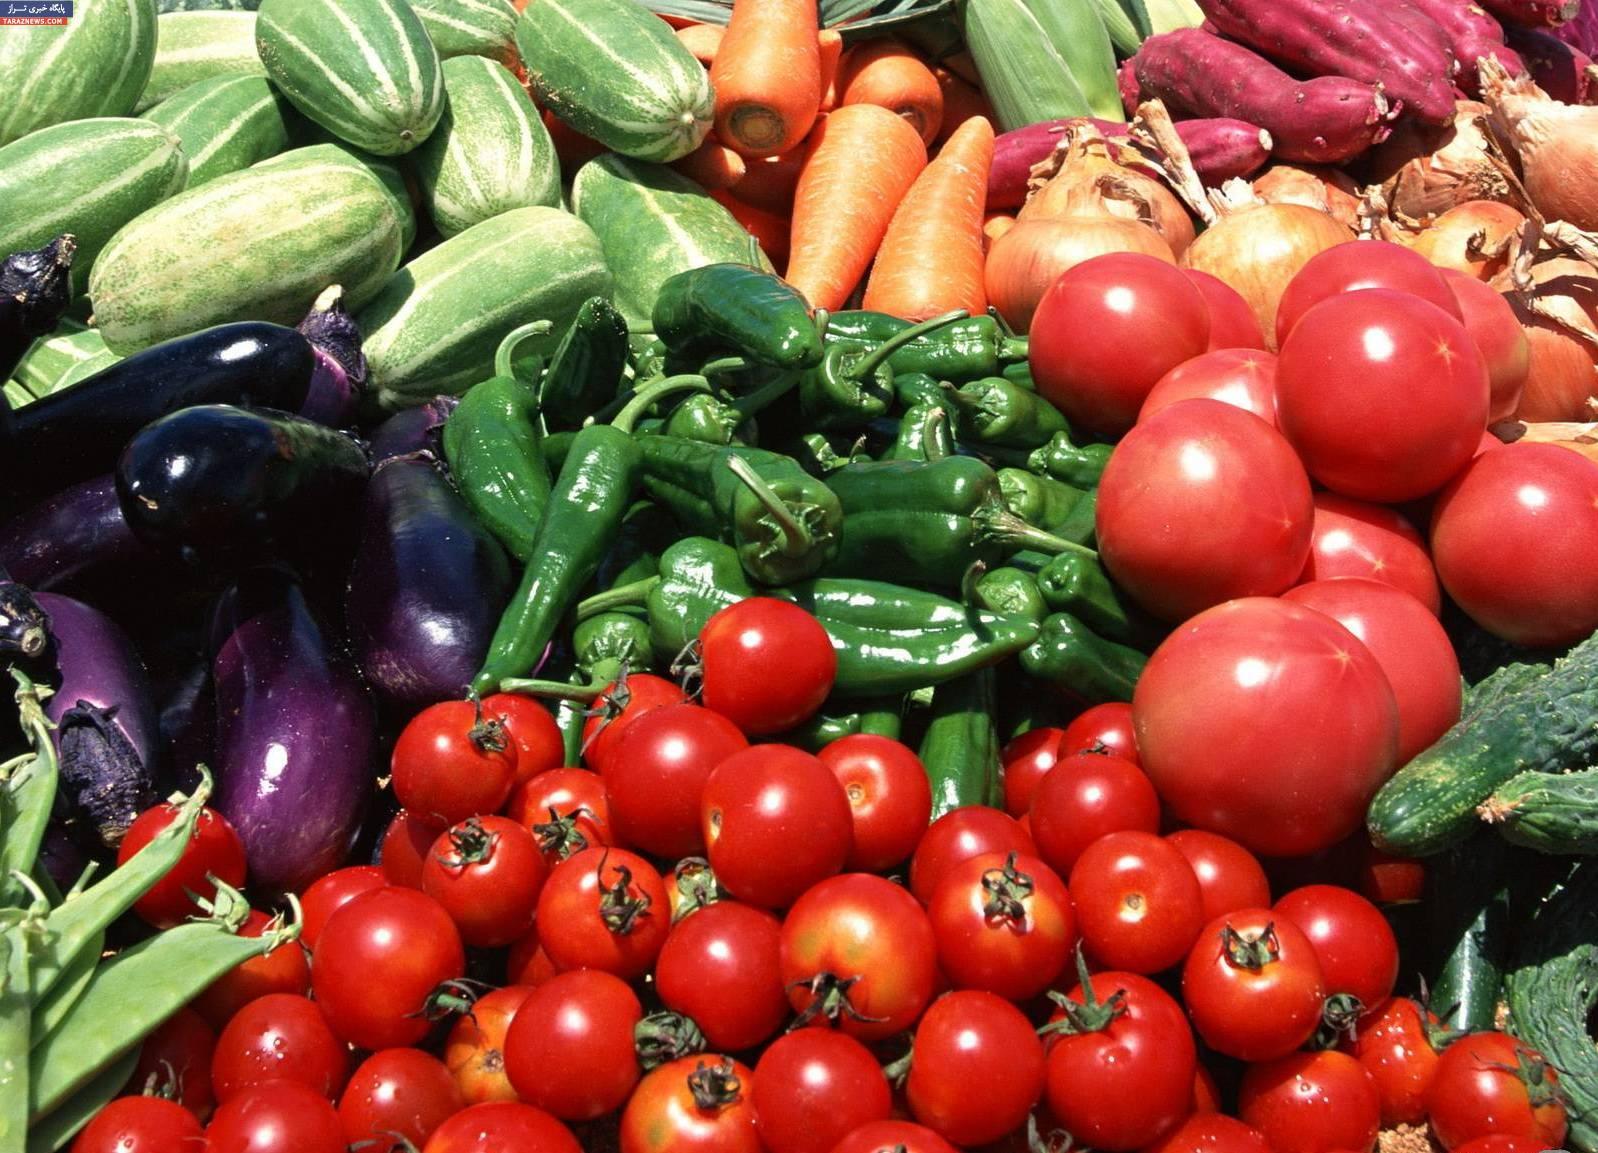 درخواست خرید میوه ، صیفی جات ، زیتون ، عسل و انواع رطب